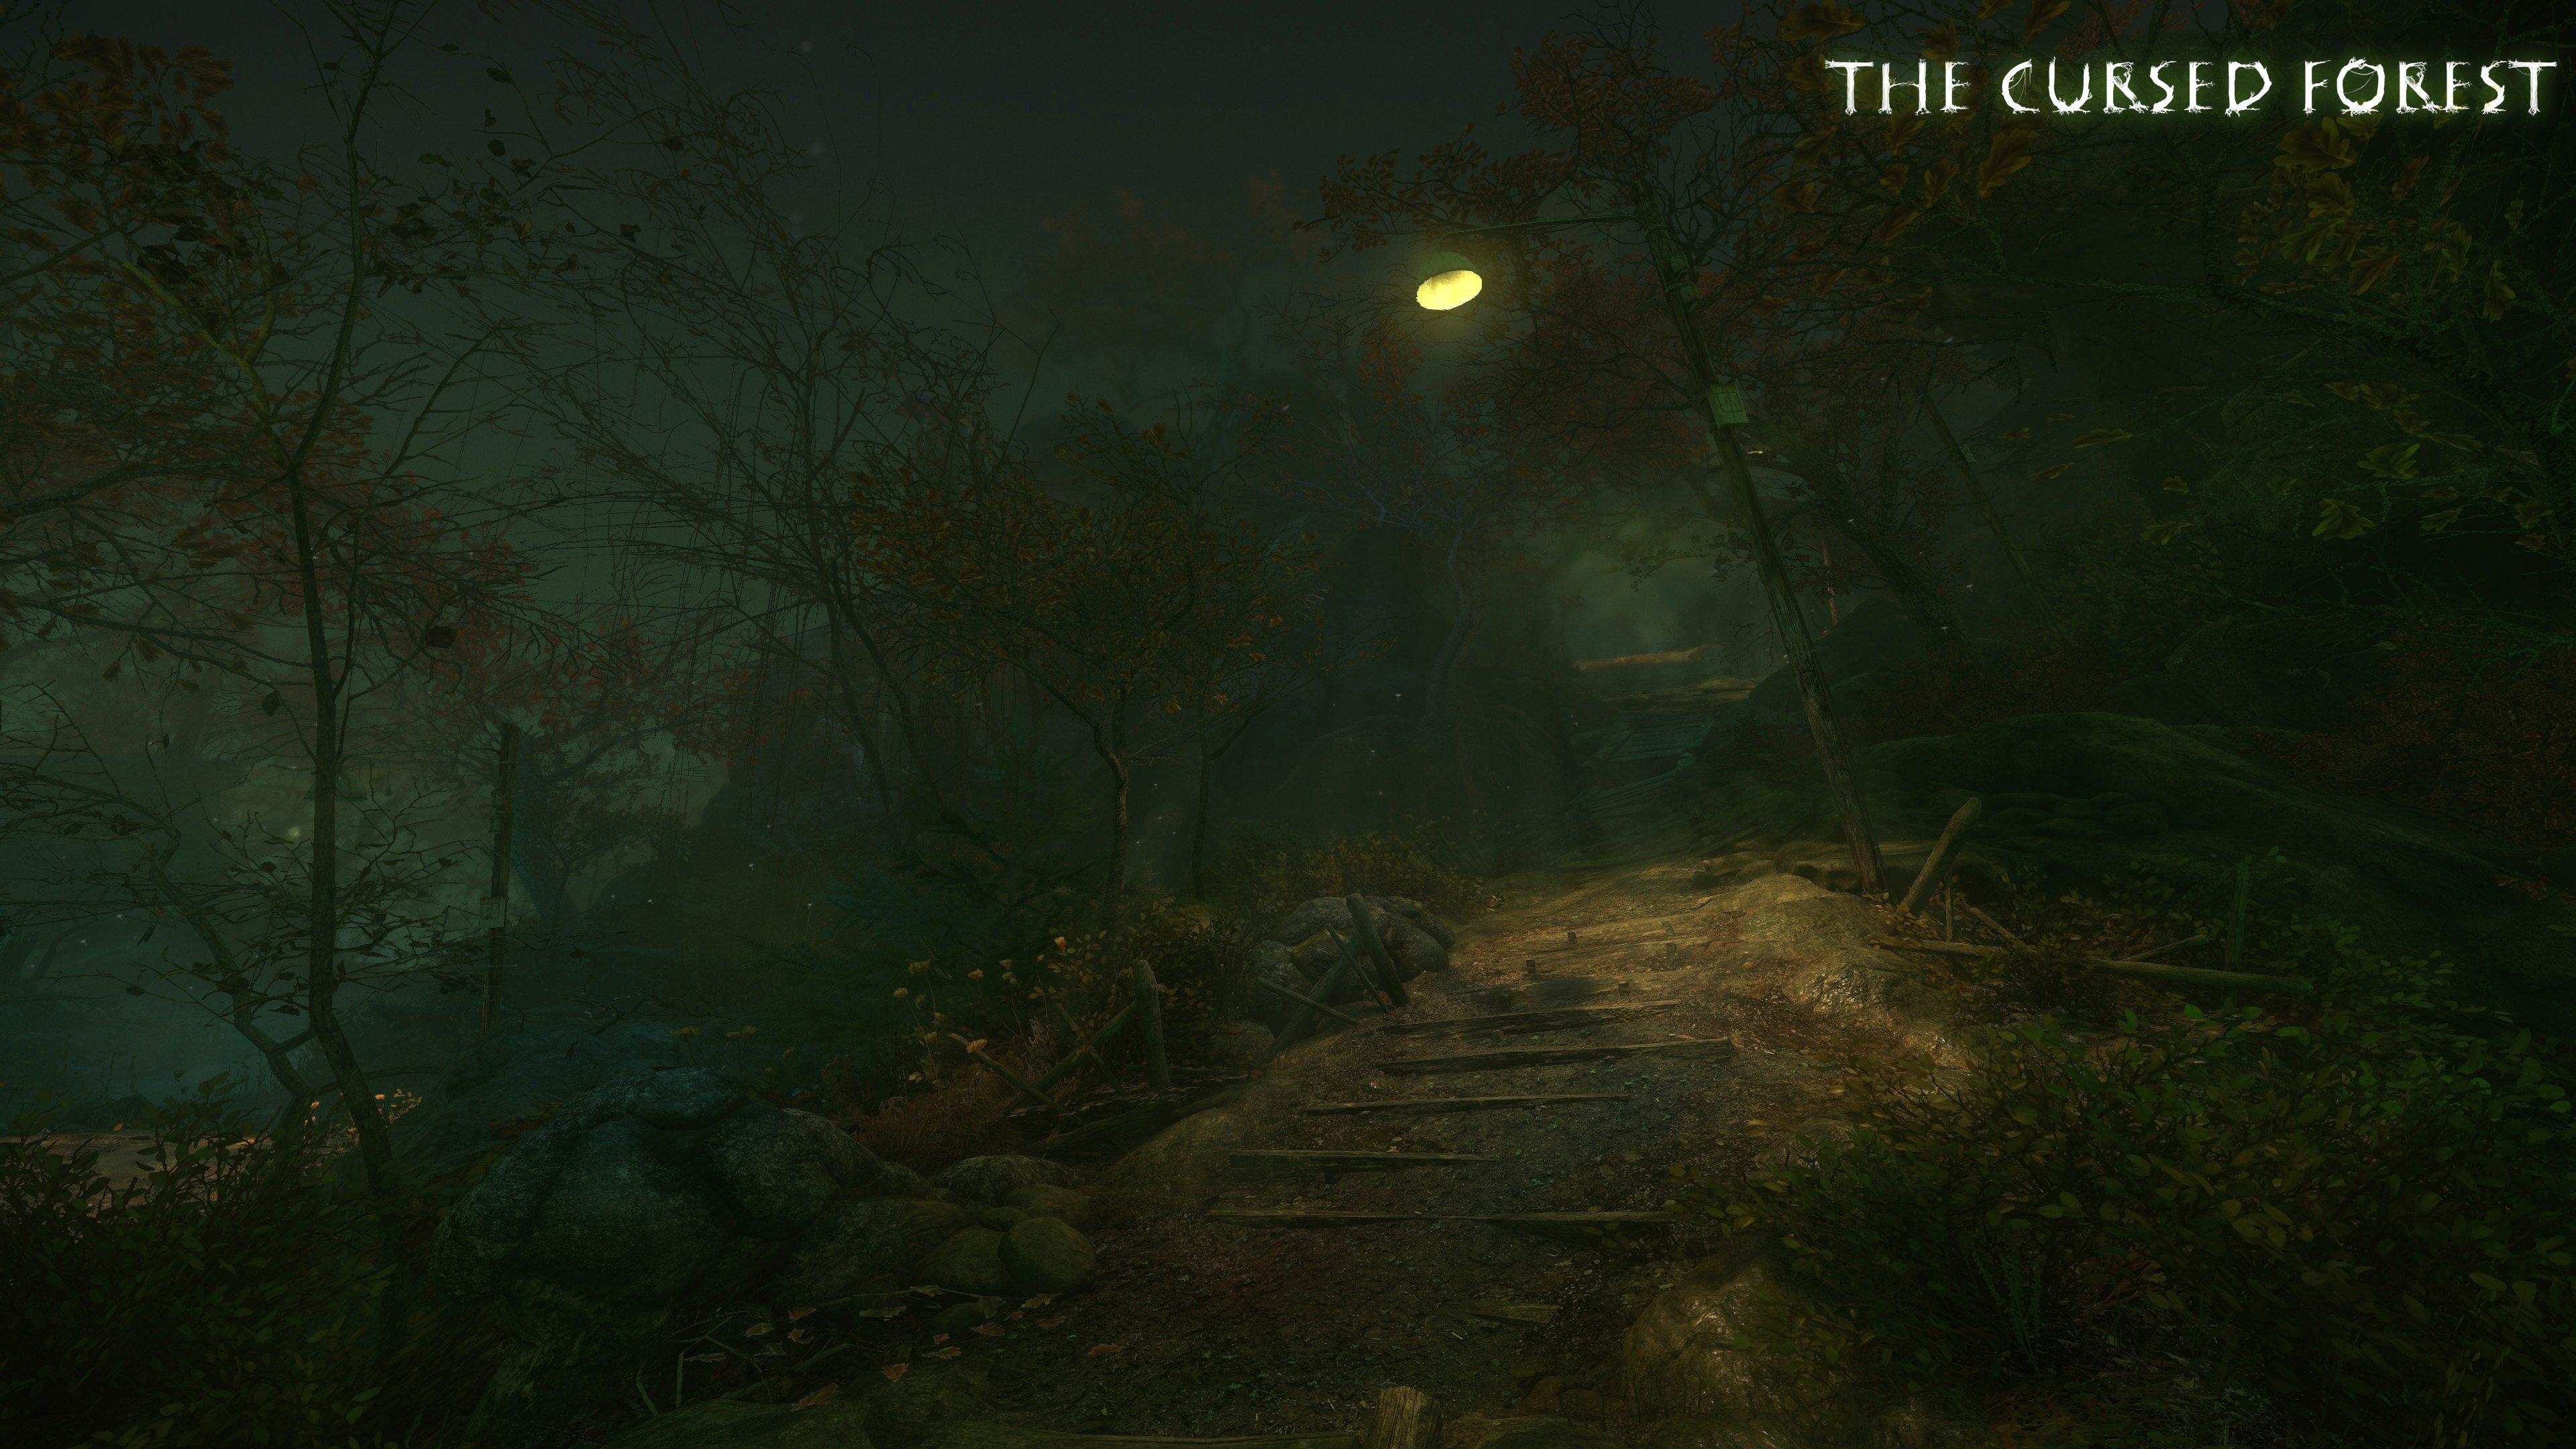 Вторая глава The Cursed Forest уже вышла!) - Изображение 1